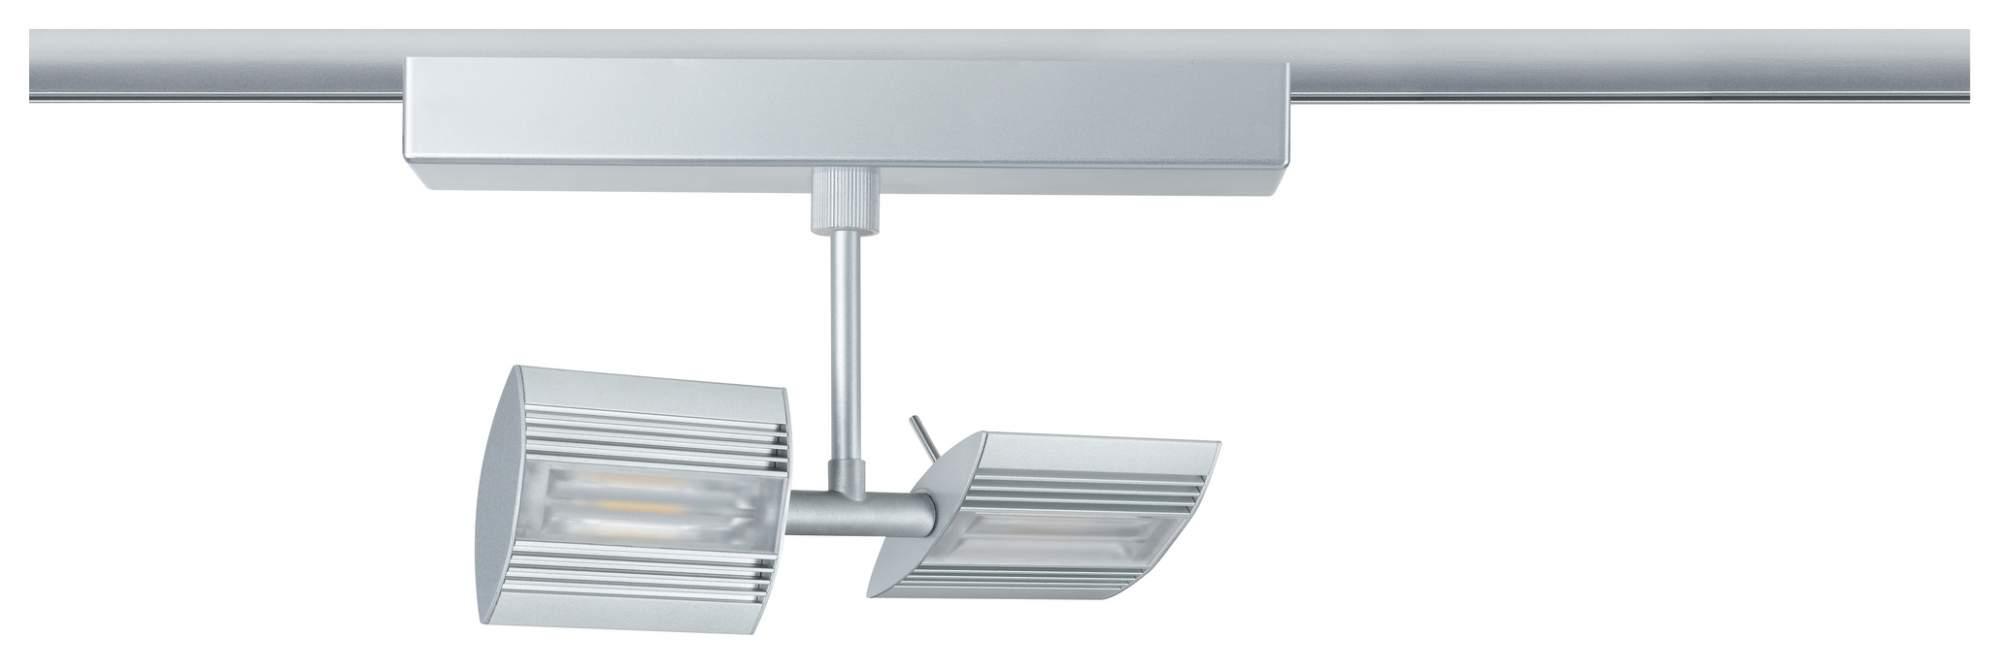 Трековый светодиодный светильник Paulmann Linear 95218